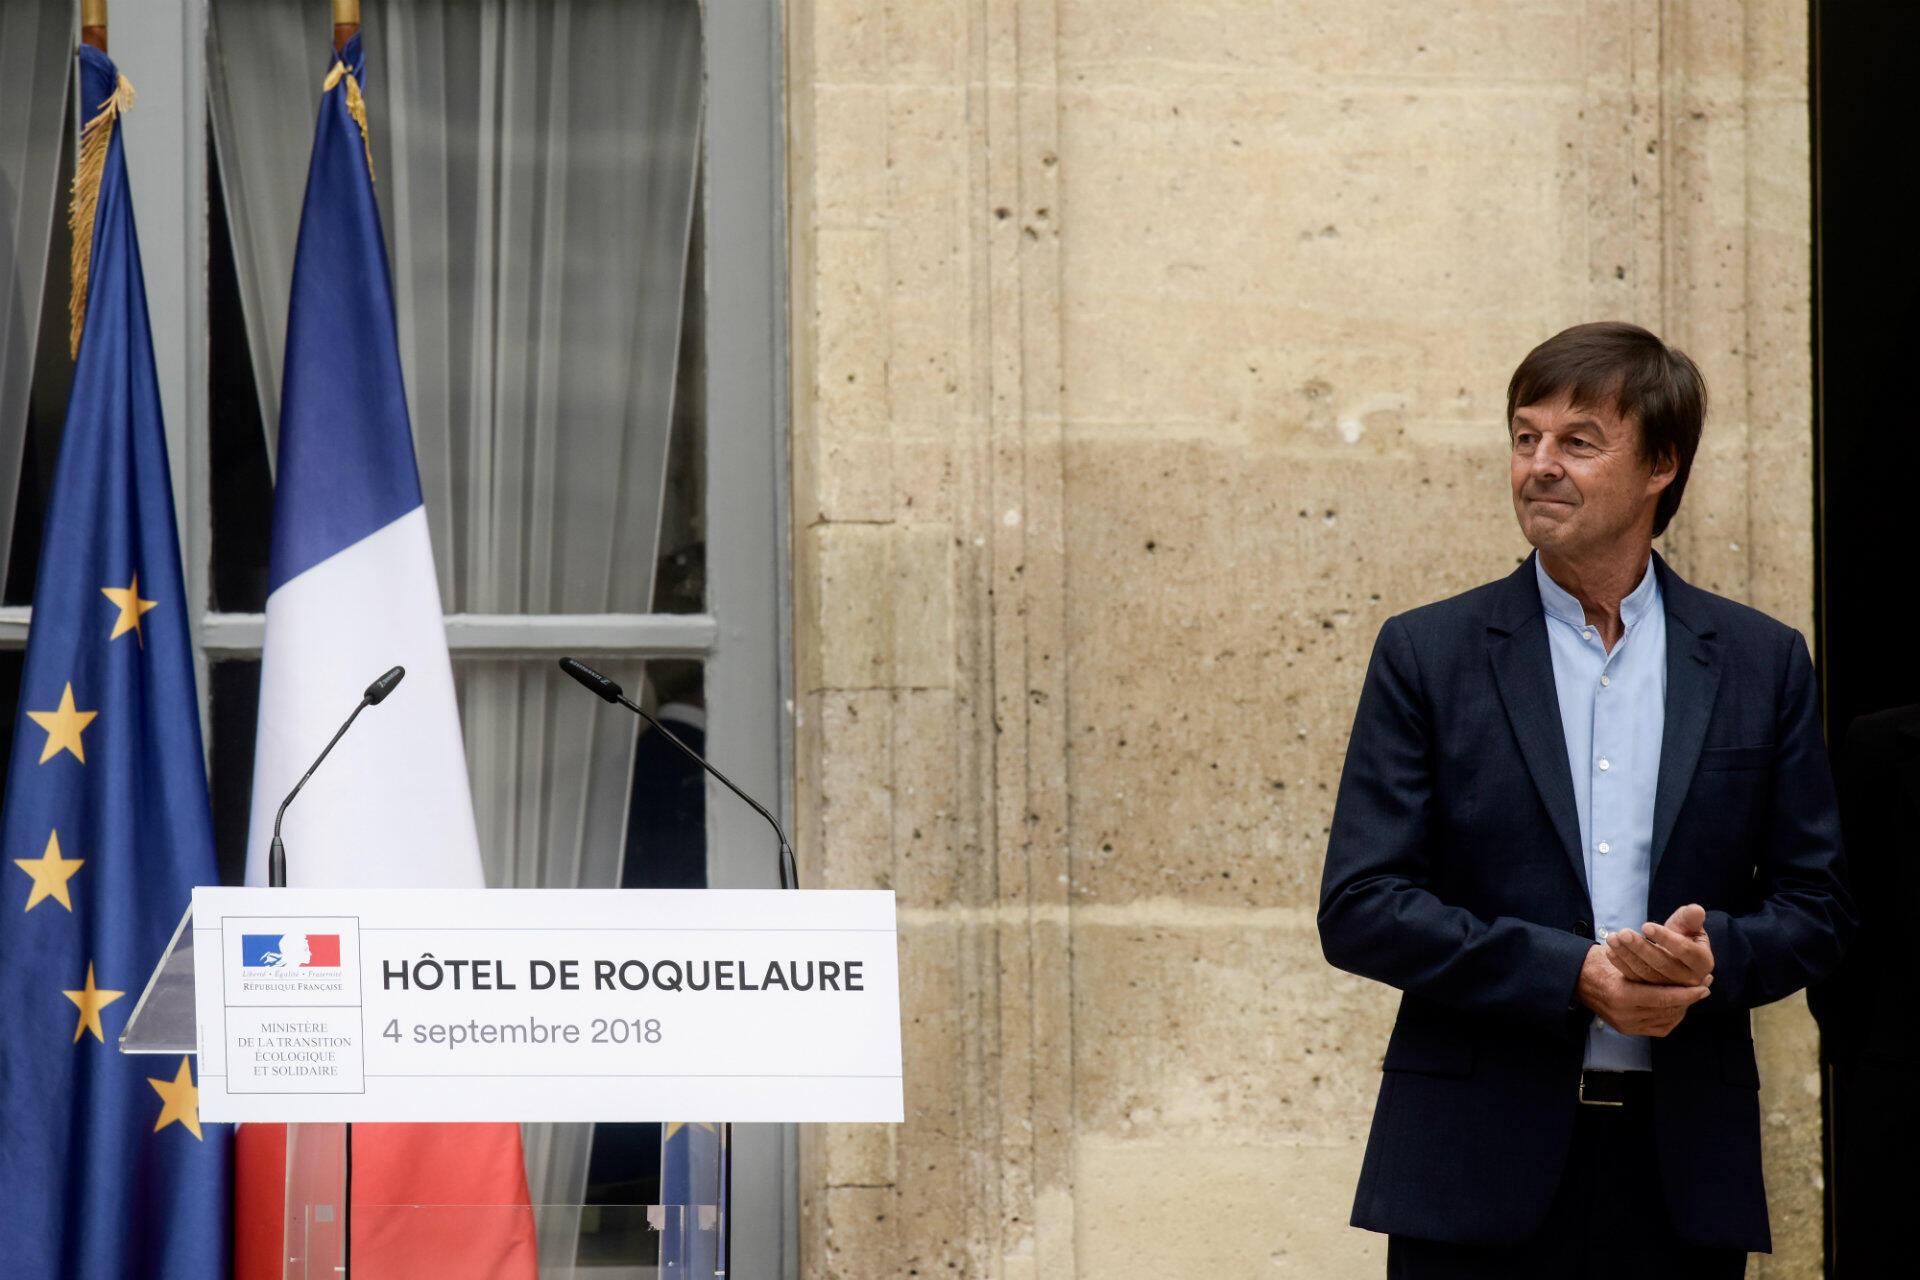 À la surprise générale, Nicolas Hulot démissionne le 28 août, en direct à la radio, provoquant une onde de choc sur l'exécutif. Son départ prive Emmanuel Macron de sa caution verte et de la personnalité politique préférée des Français.